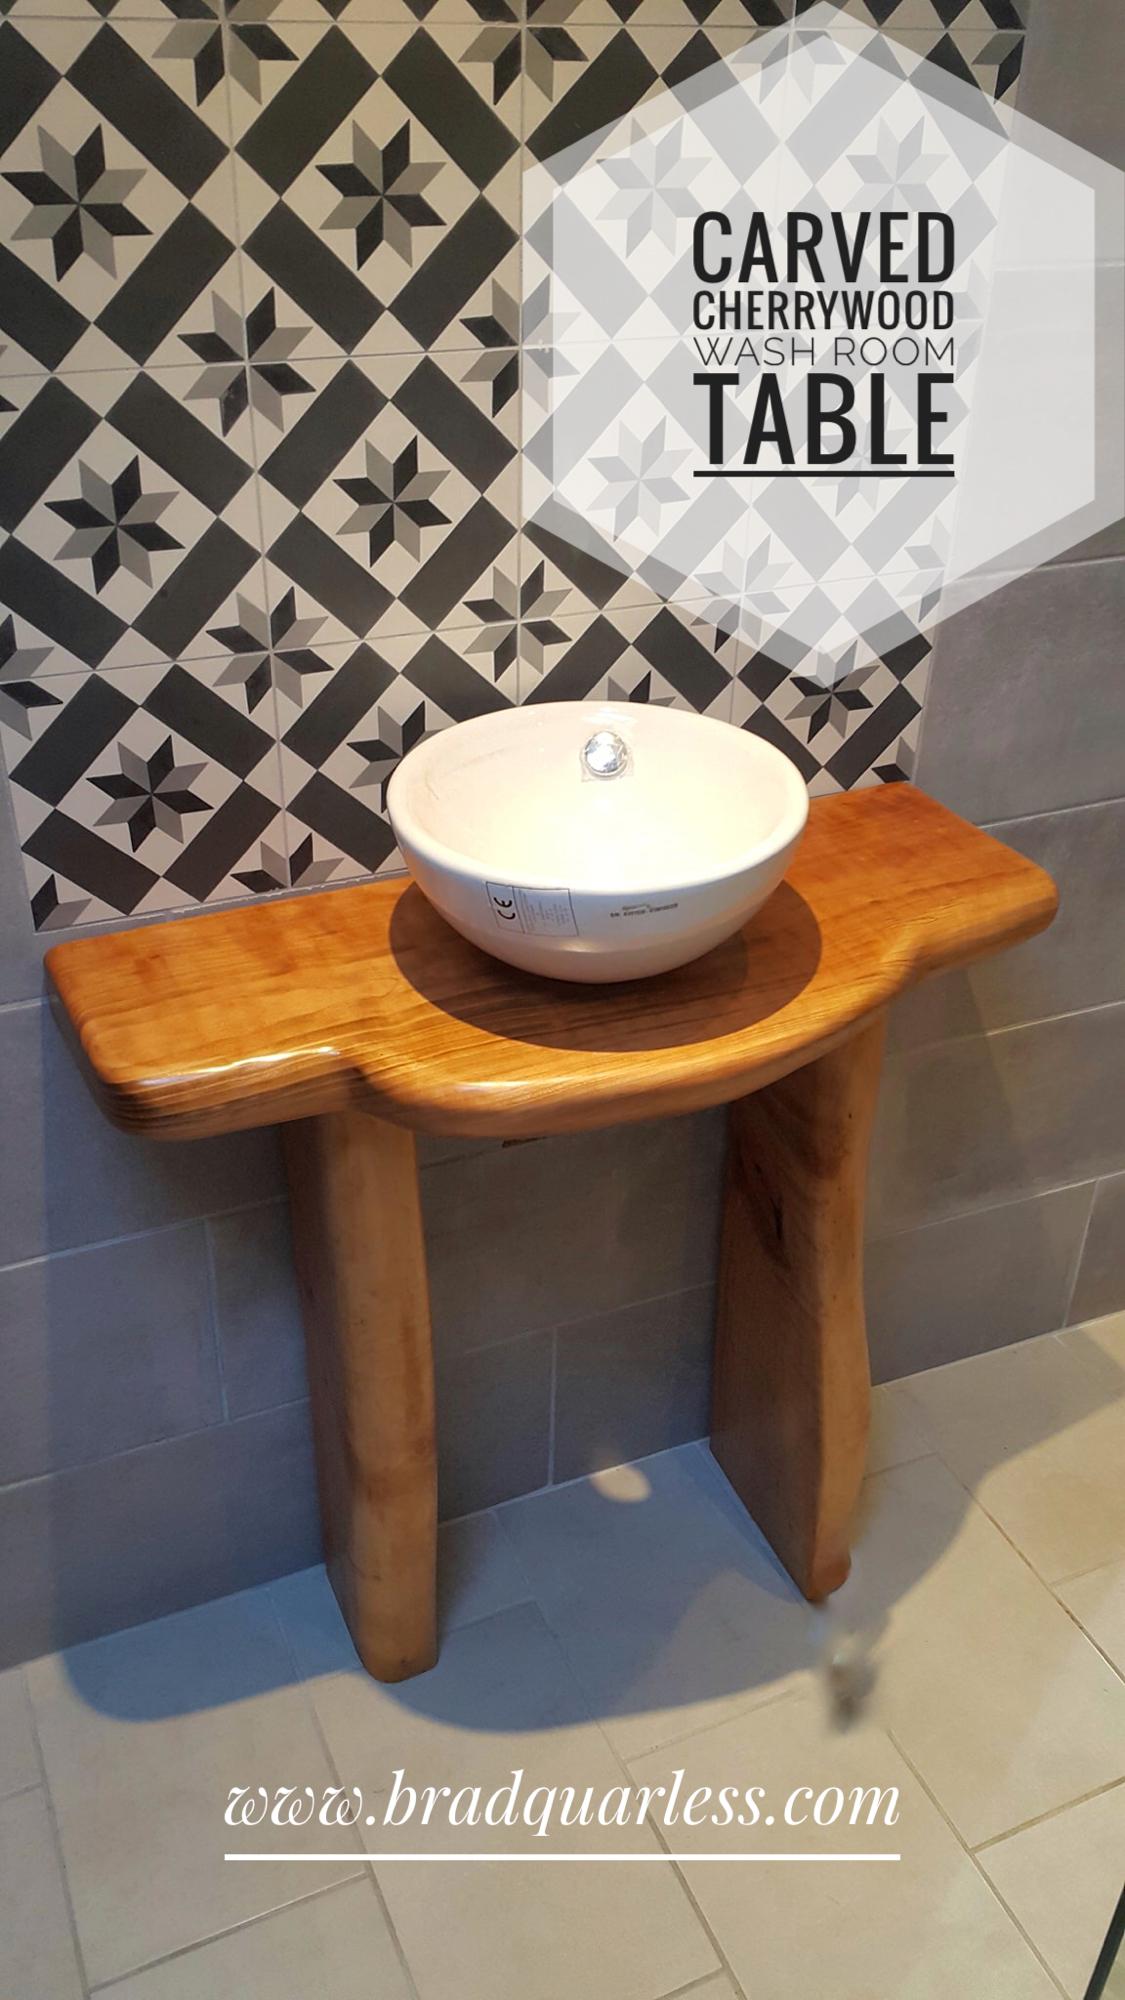 guéridon en bois de cerisier/bathroom pedestal table